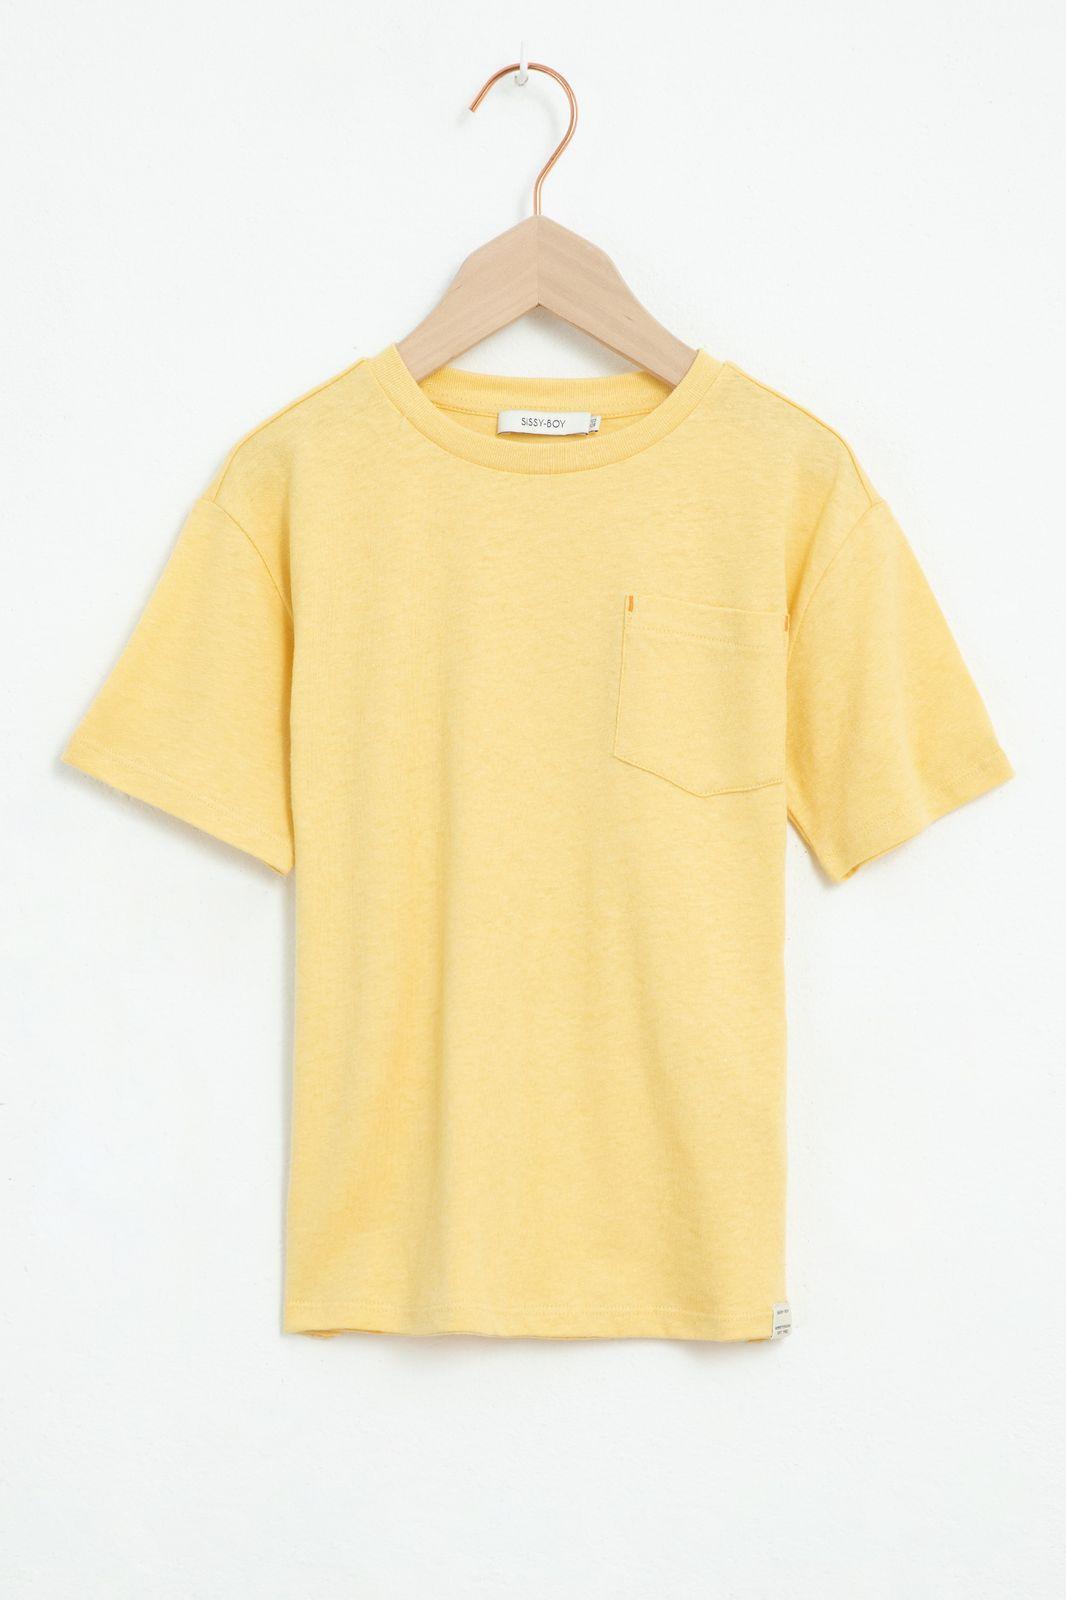 Geel T-shirt met korte mouw en artwork op de rug - Kids | Sissy-Boy